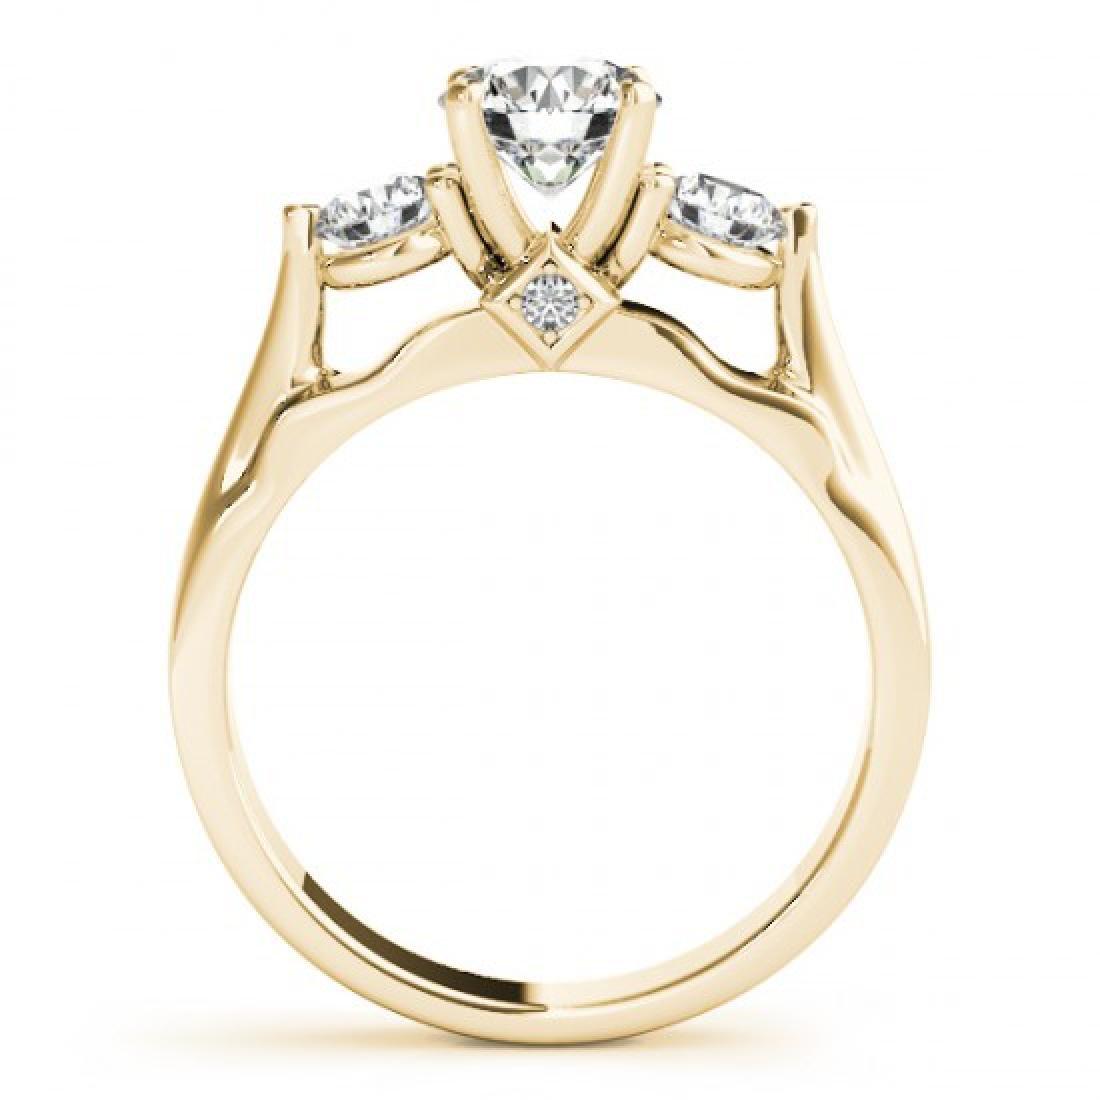 1.25 CTW Certified VS/SI Diamond 3 Stone Ring 14K - 2